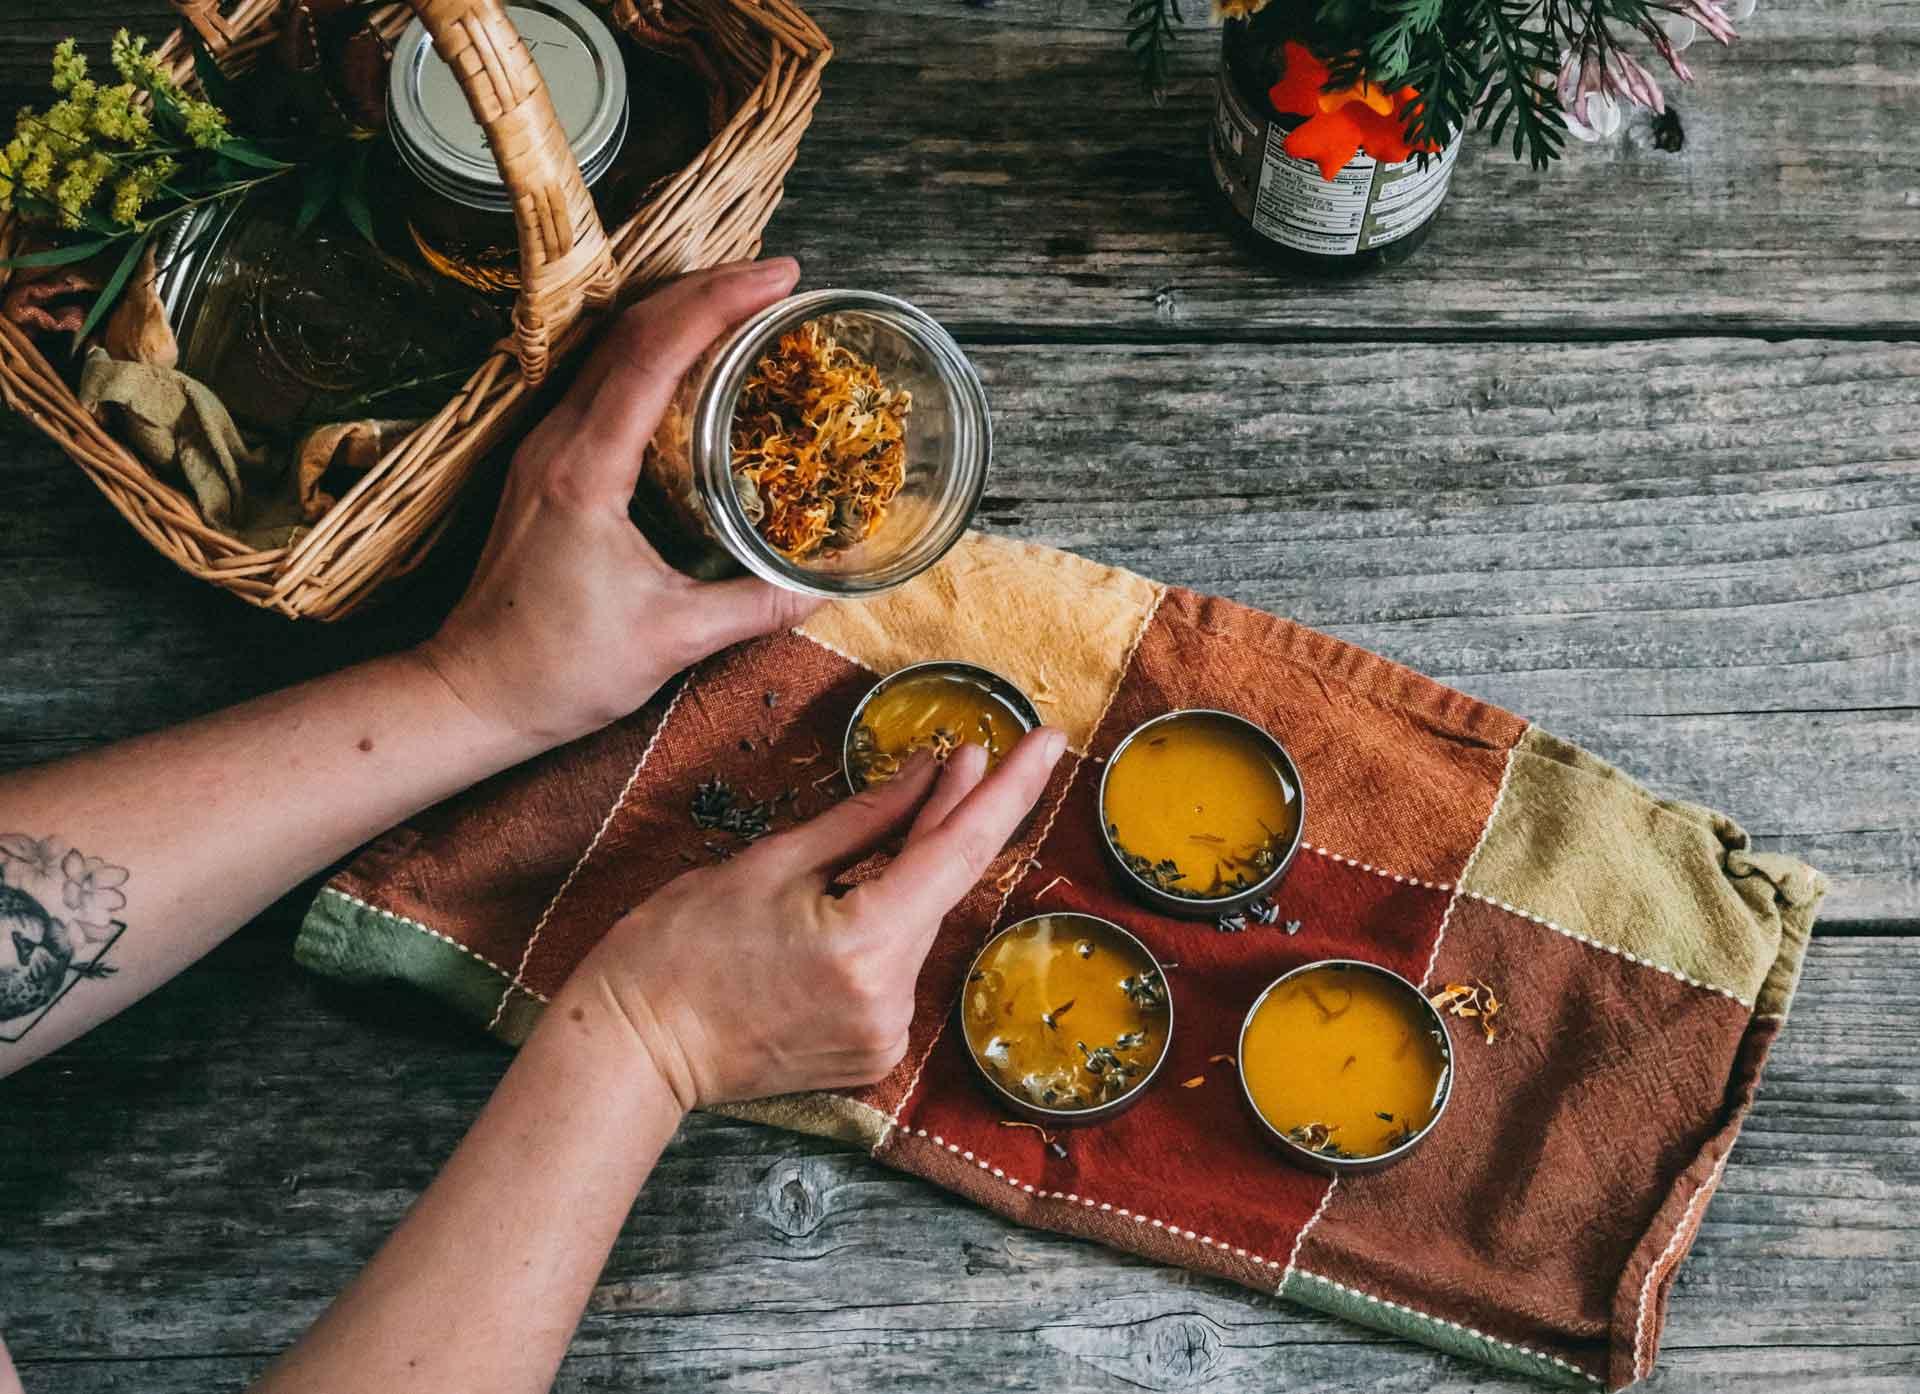 Umidità In Casa Rimedi Della Nonna i rimedi della nonna con l'olio di oliva - olio gagir